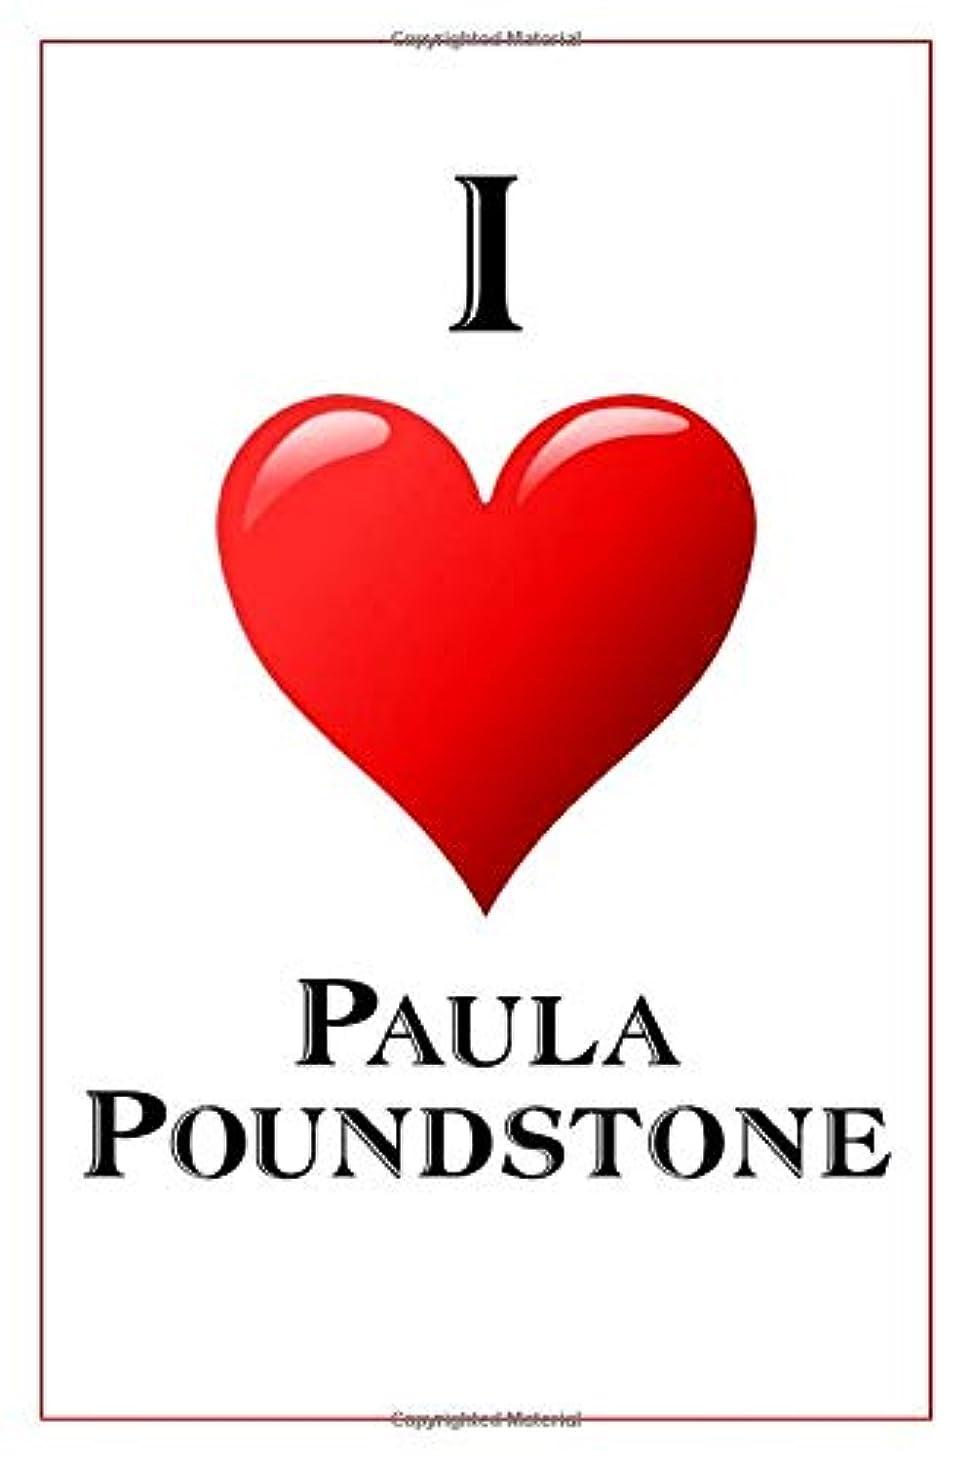 ビジネス百炭水化物I Love Paula Poundstone: Notebook - 6x9 Lined Journal - 110 Pages - Soft Cover - Great For Birthday Gift (Perfect Personalised Gifts, Actors and Actresses)